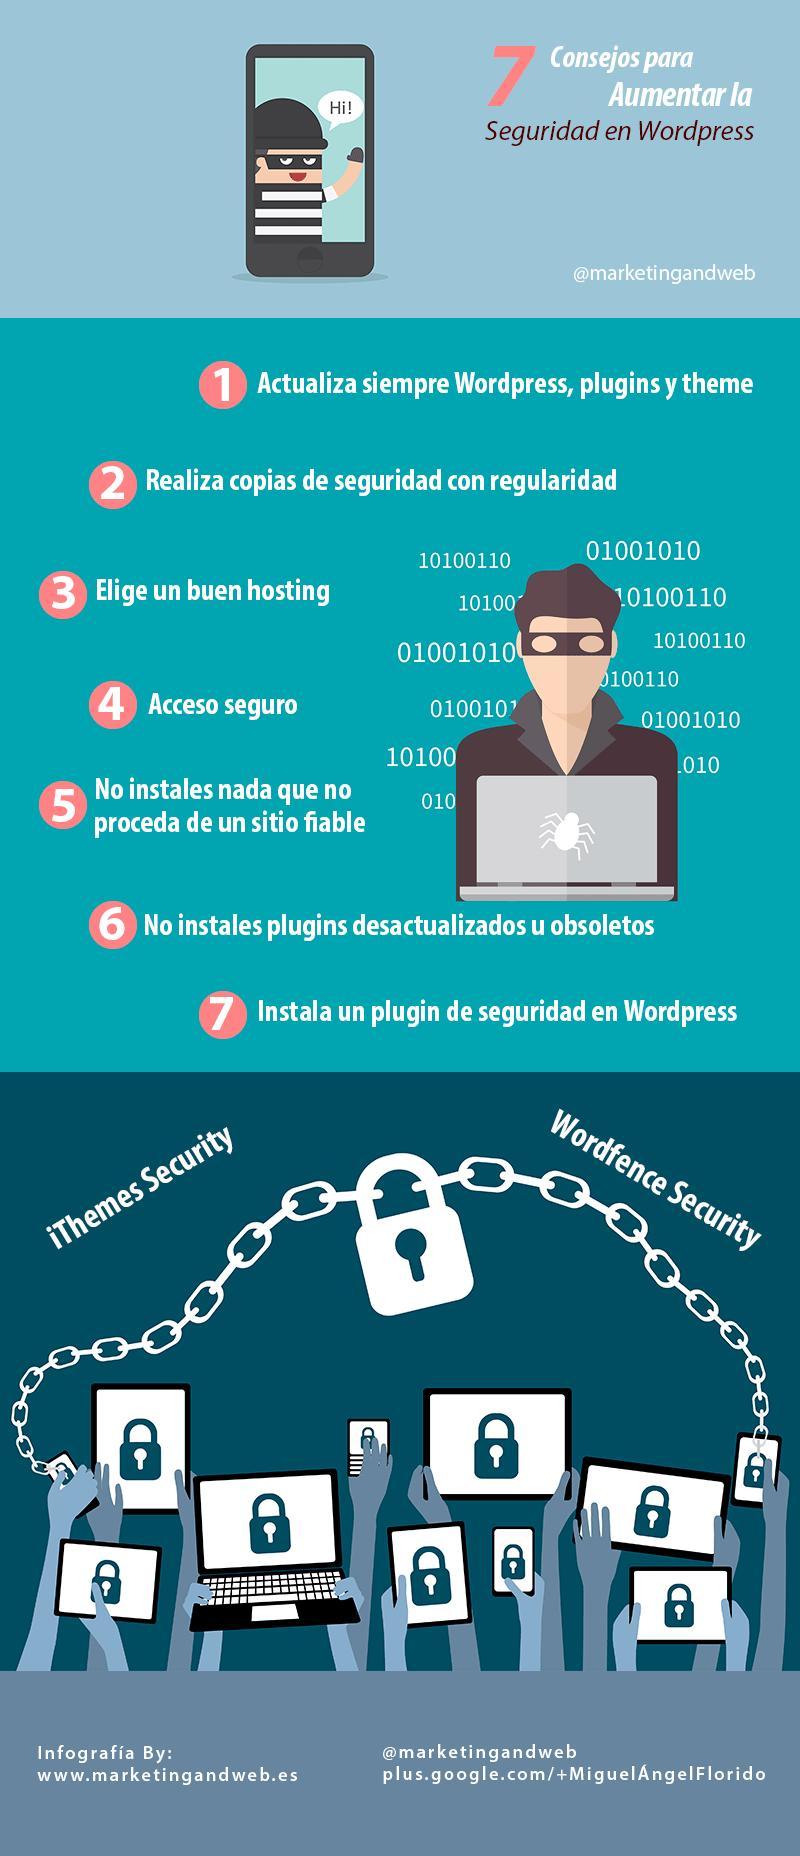 Siete útiles consejos para aumentar la seguridad de WordPress (infografía)